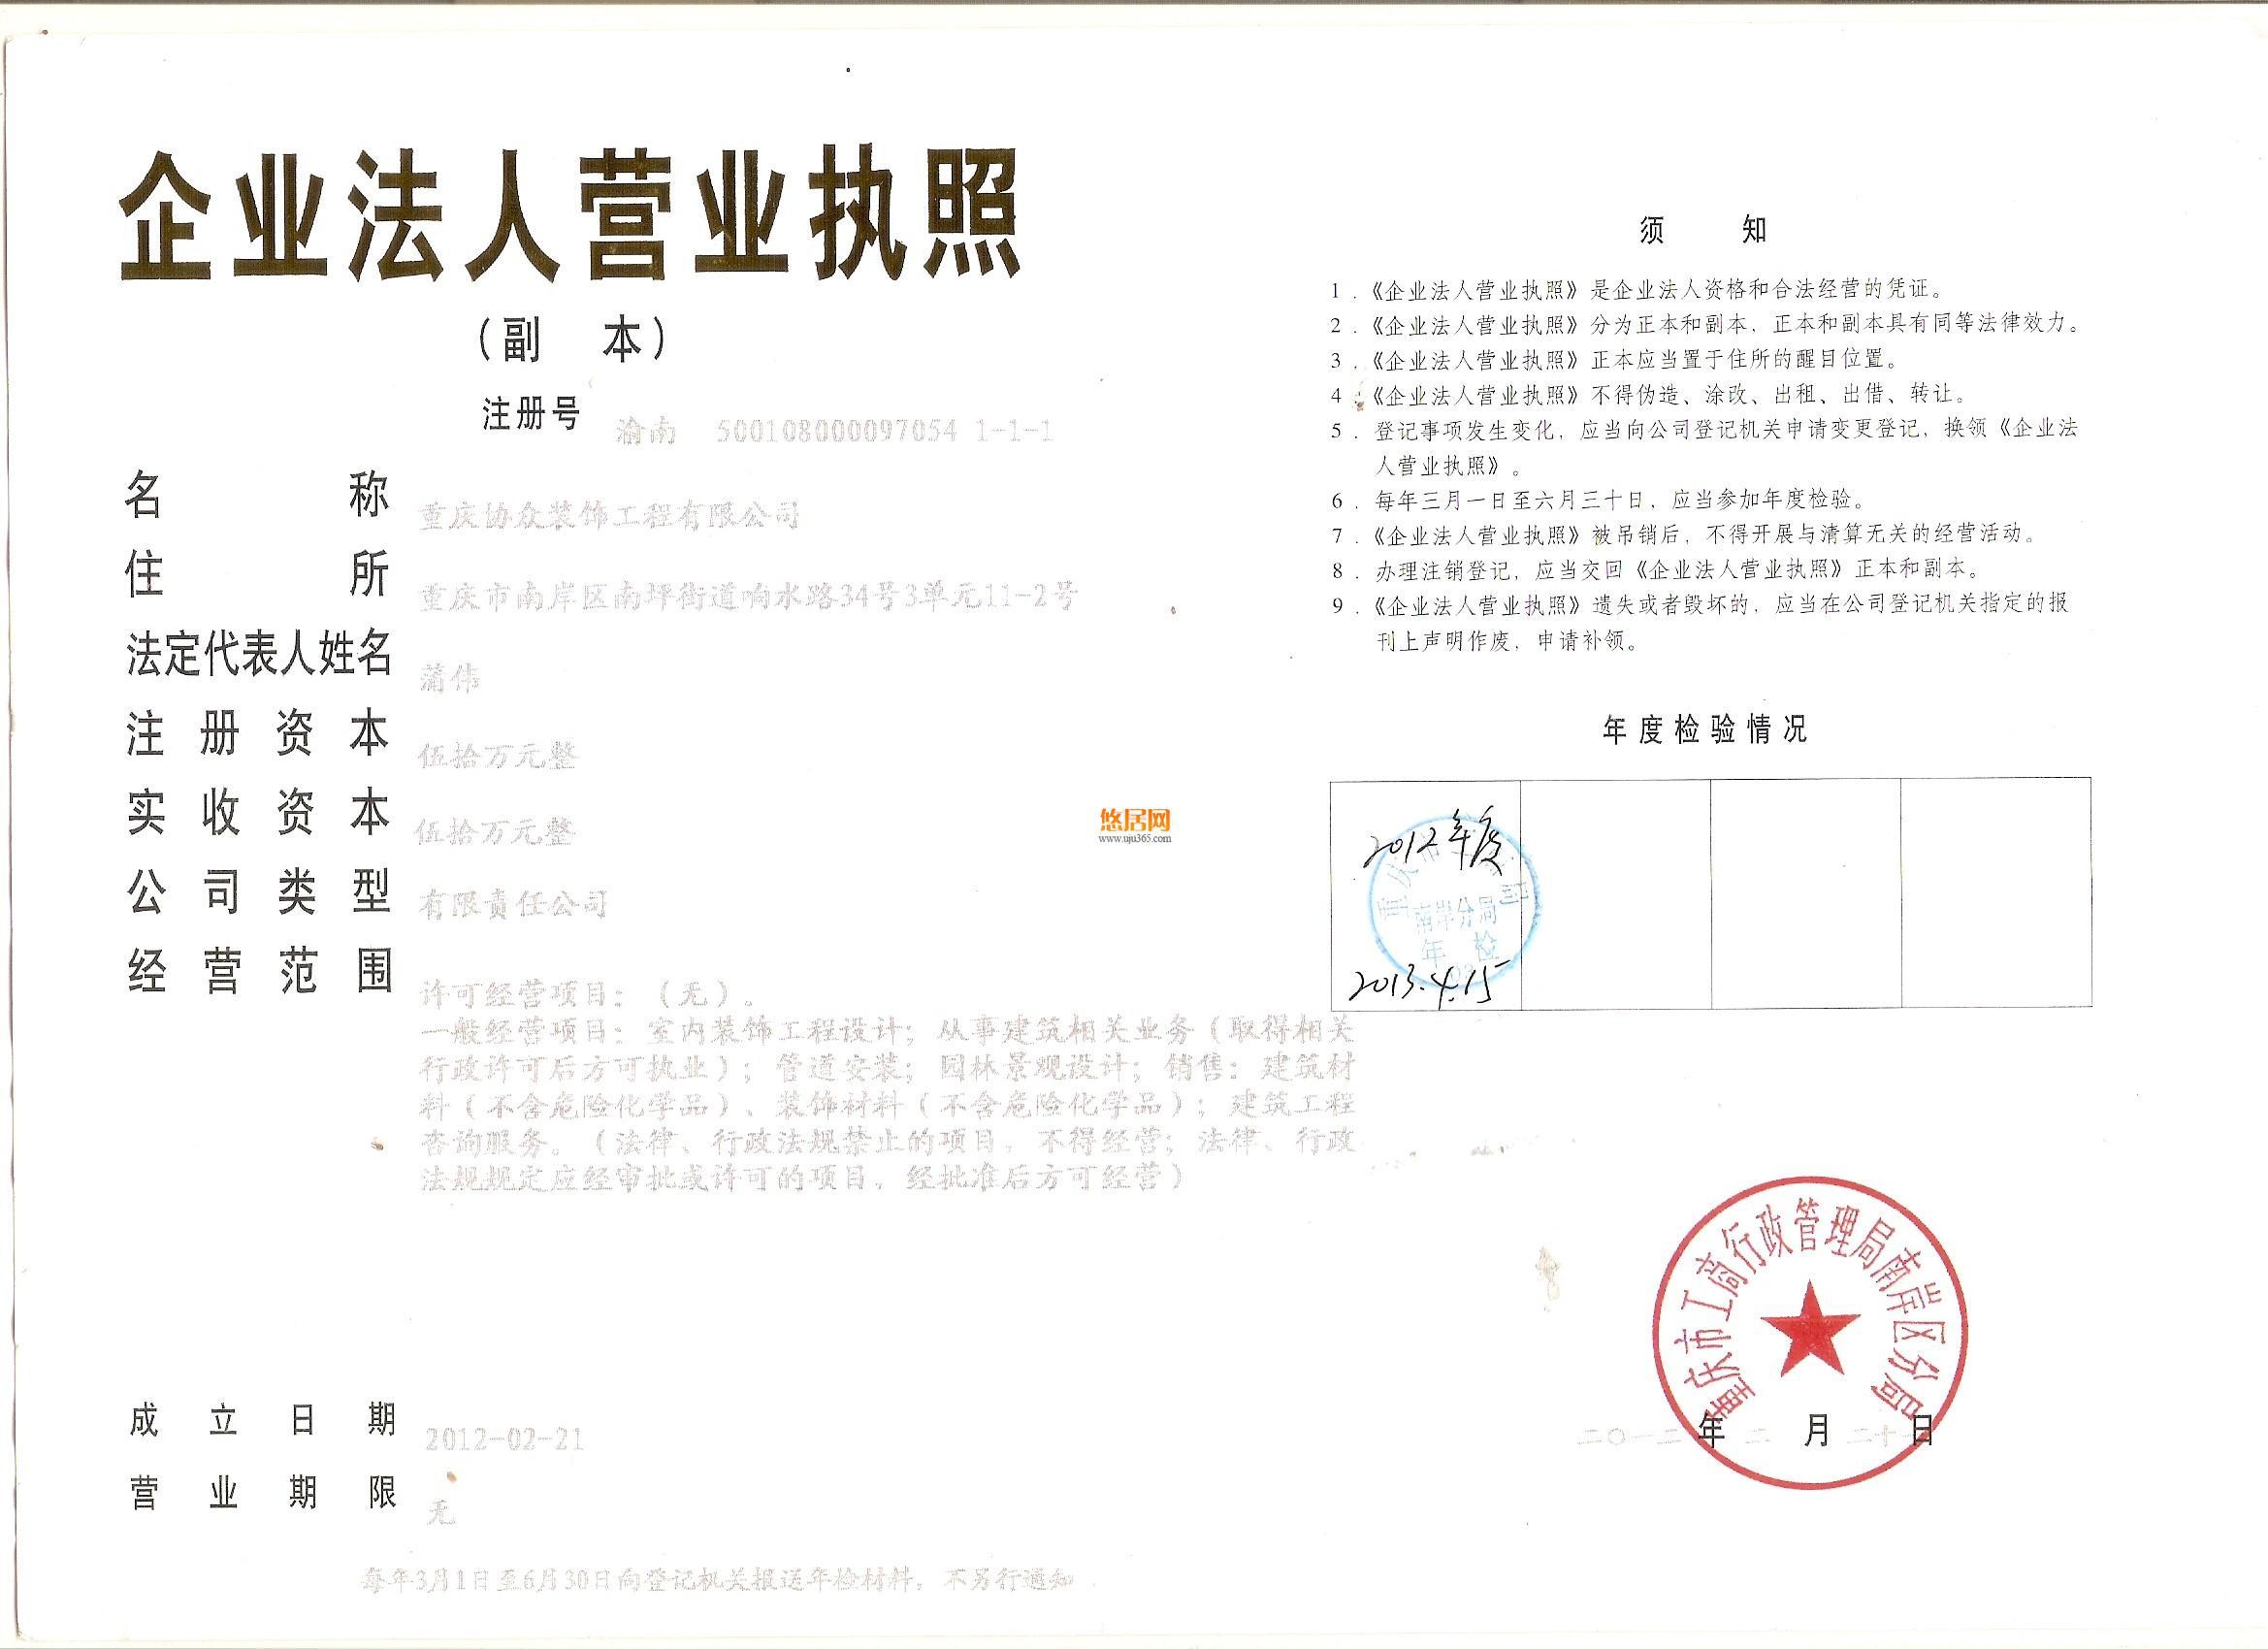 重庆协众装饰工程有限公司营业执照